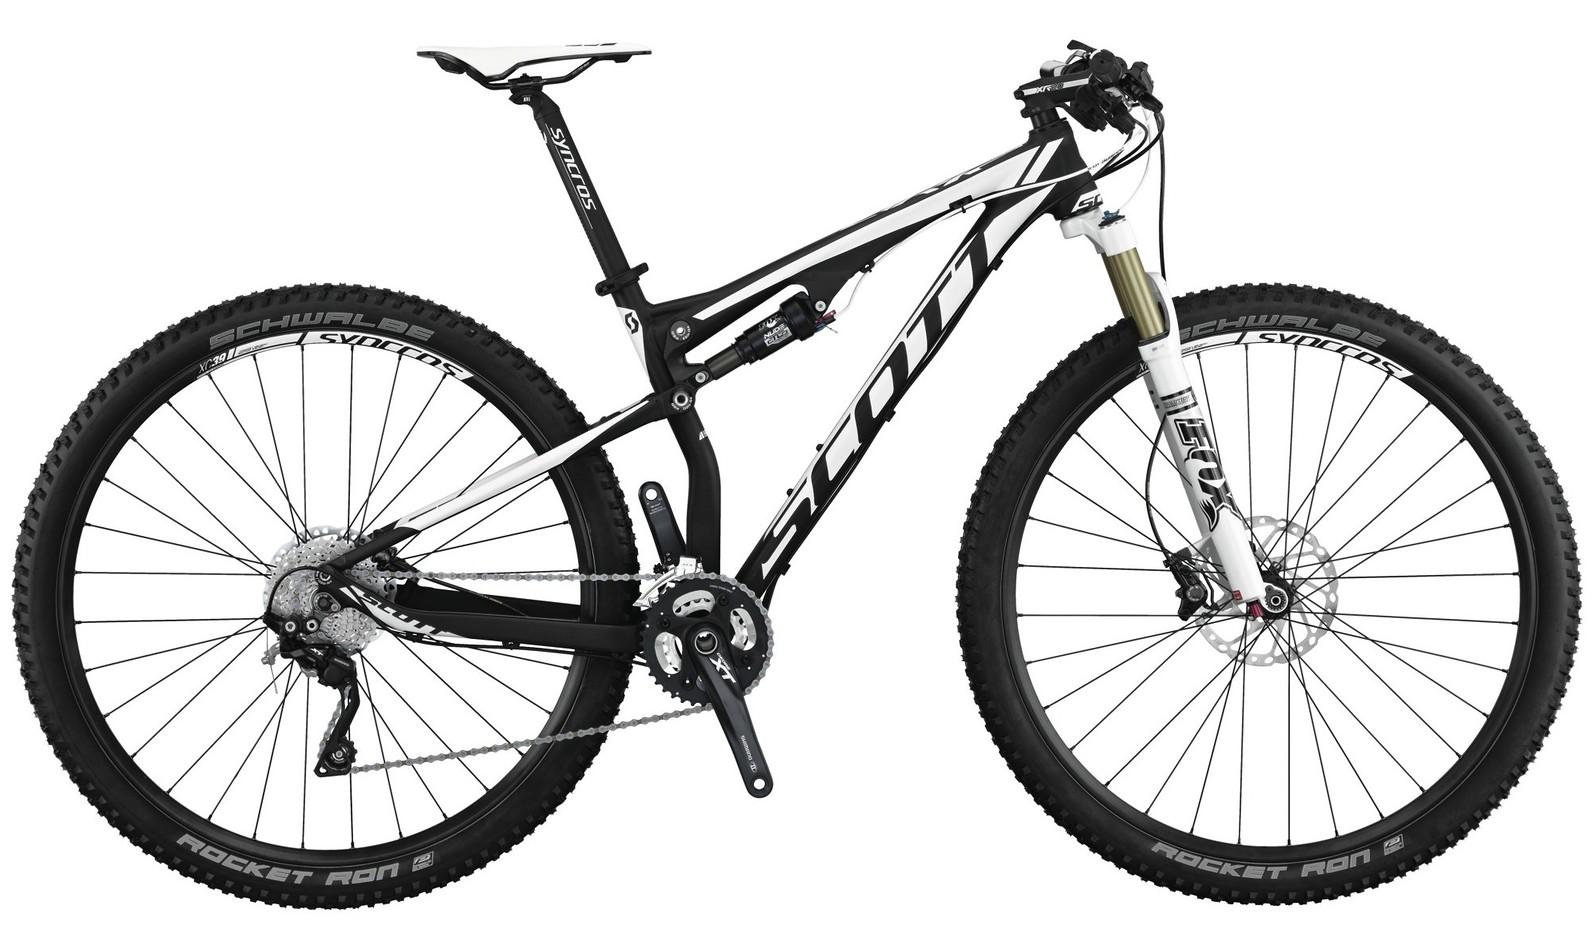 Scott Spark 910 - Mountain Bike 2018 Full Suspension